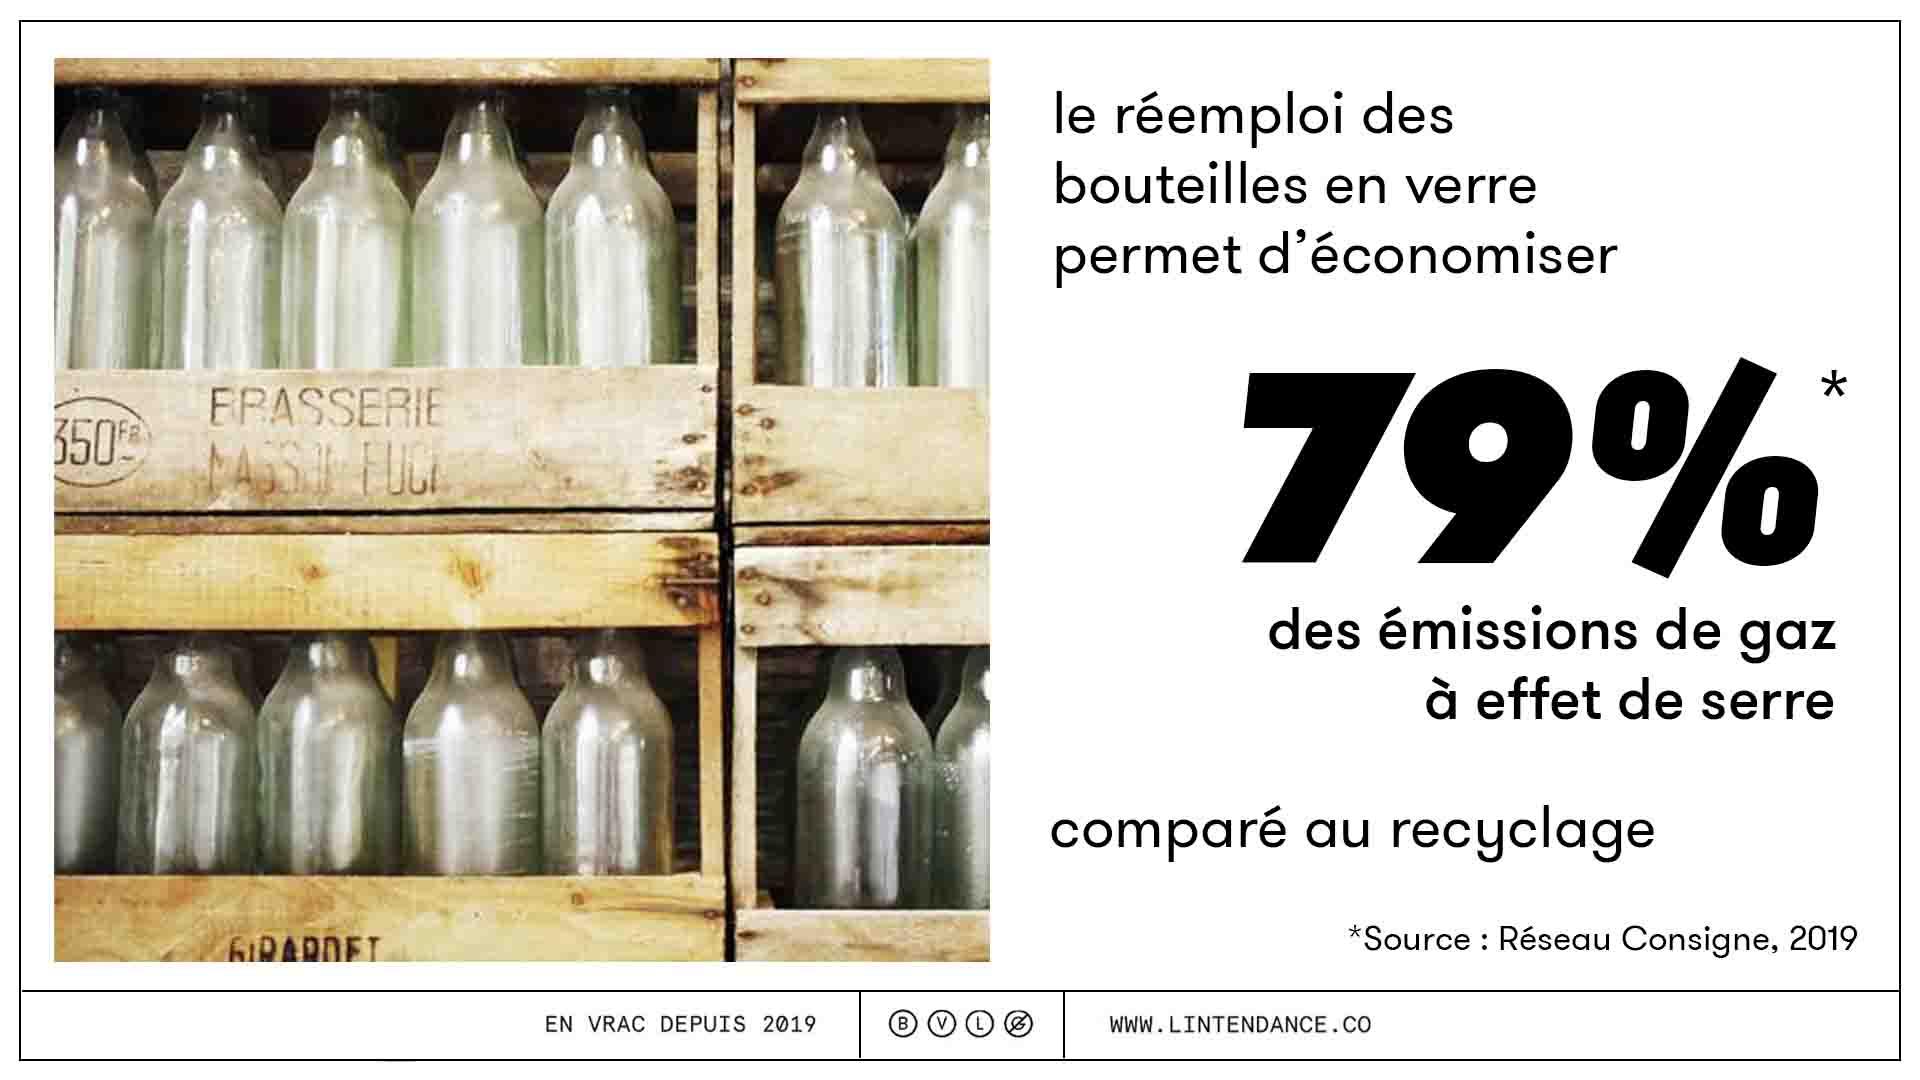 consigne réemploi bouteilles consignées économies impact